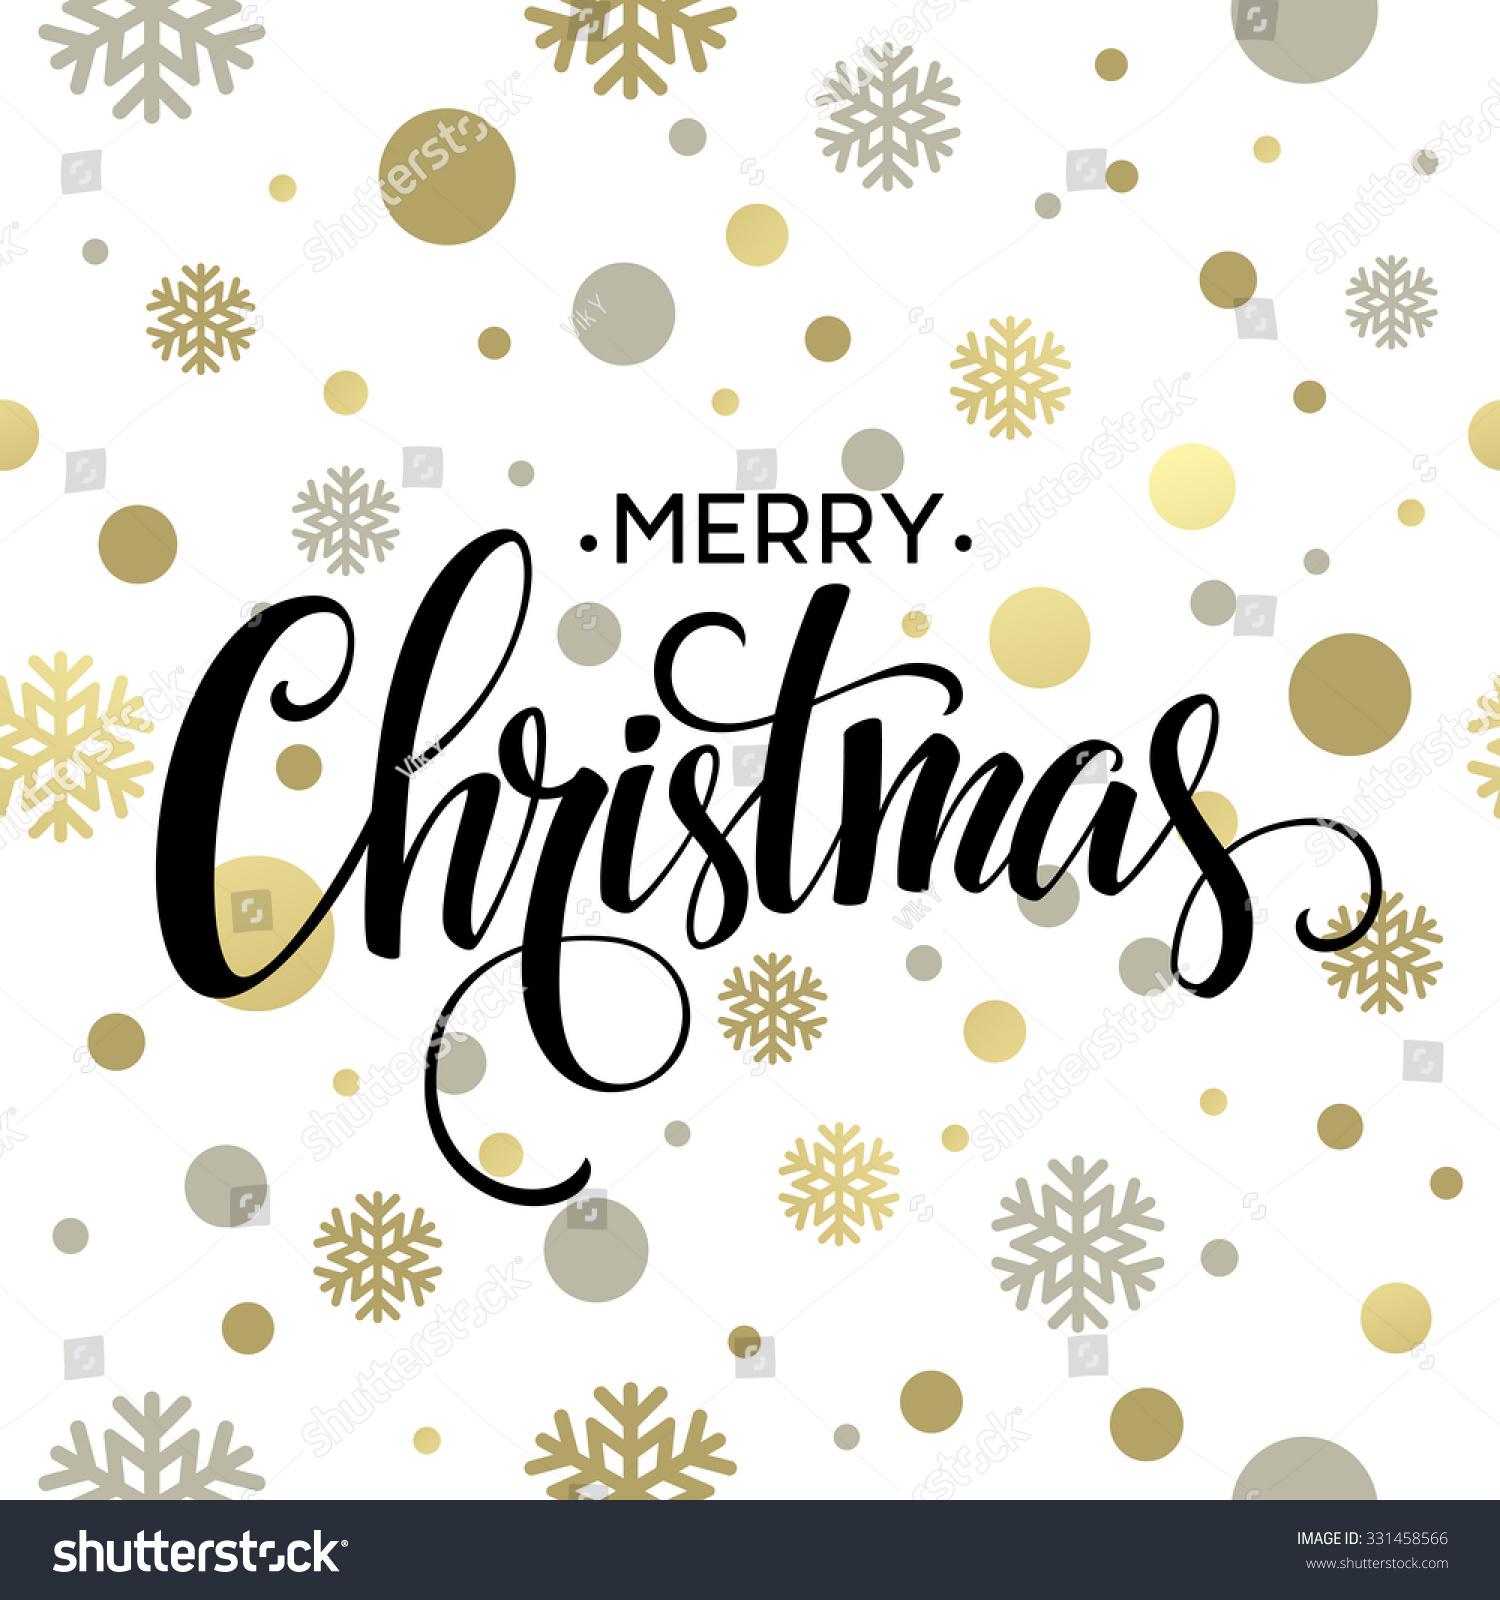 Merry Christmas Gold Glittering Lettering Design Stock ...